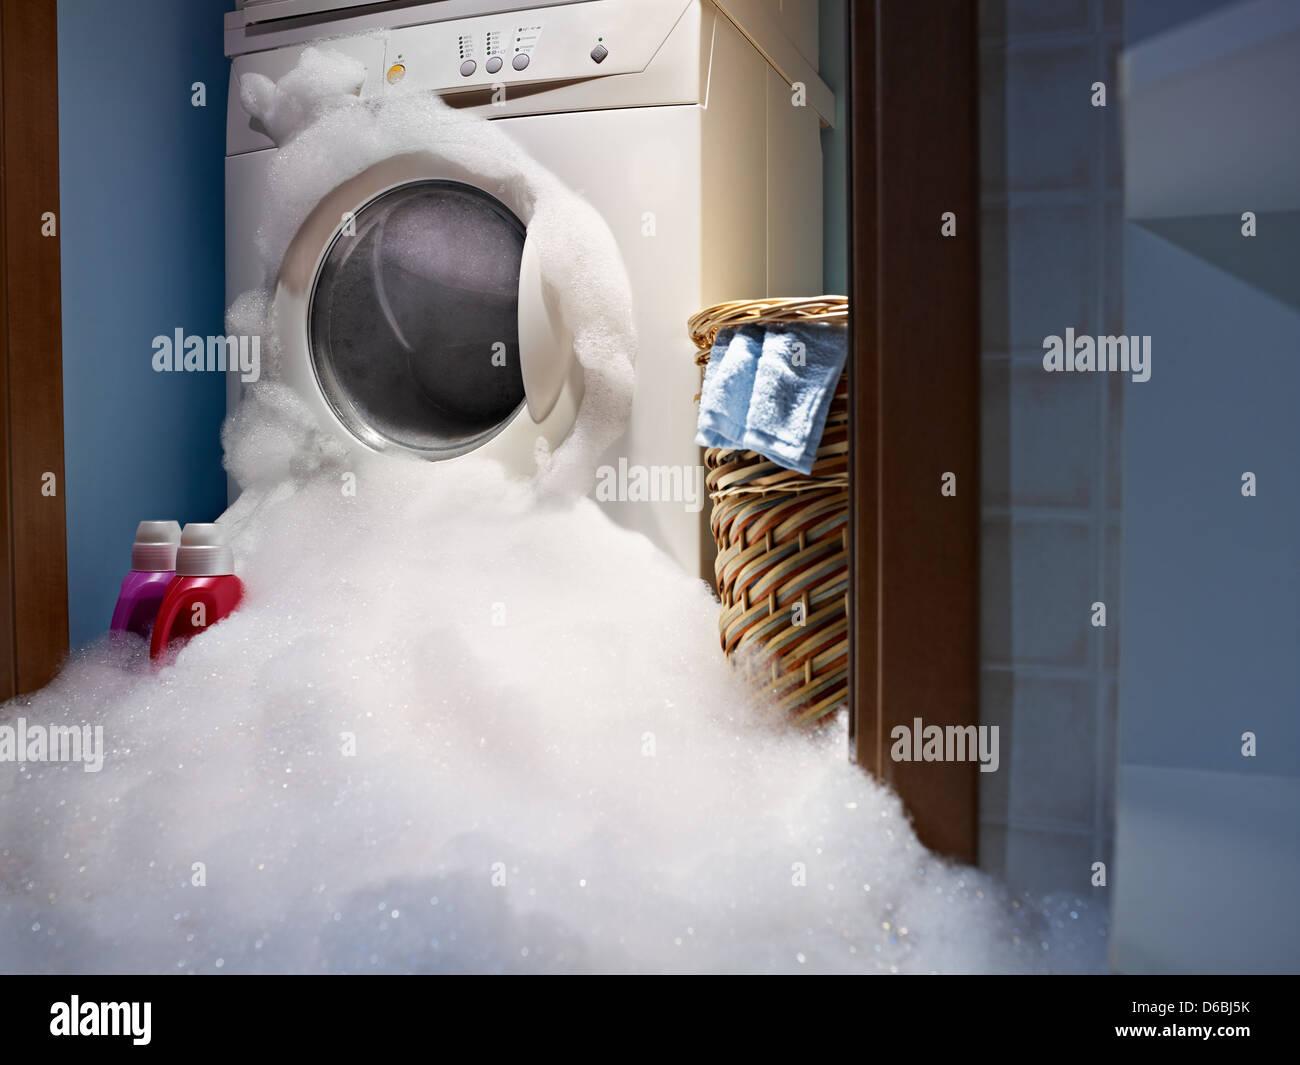 Schaum Ablauf Waschmaschine Schaden Haushalt Unfall Stockfoto